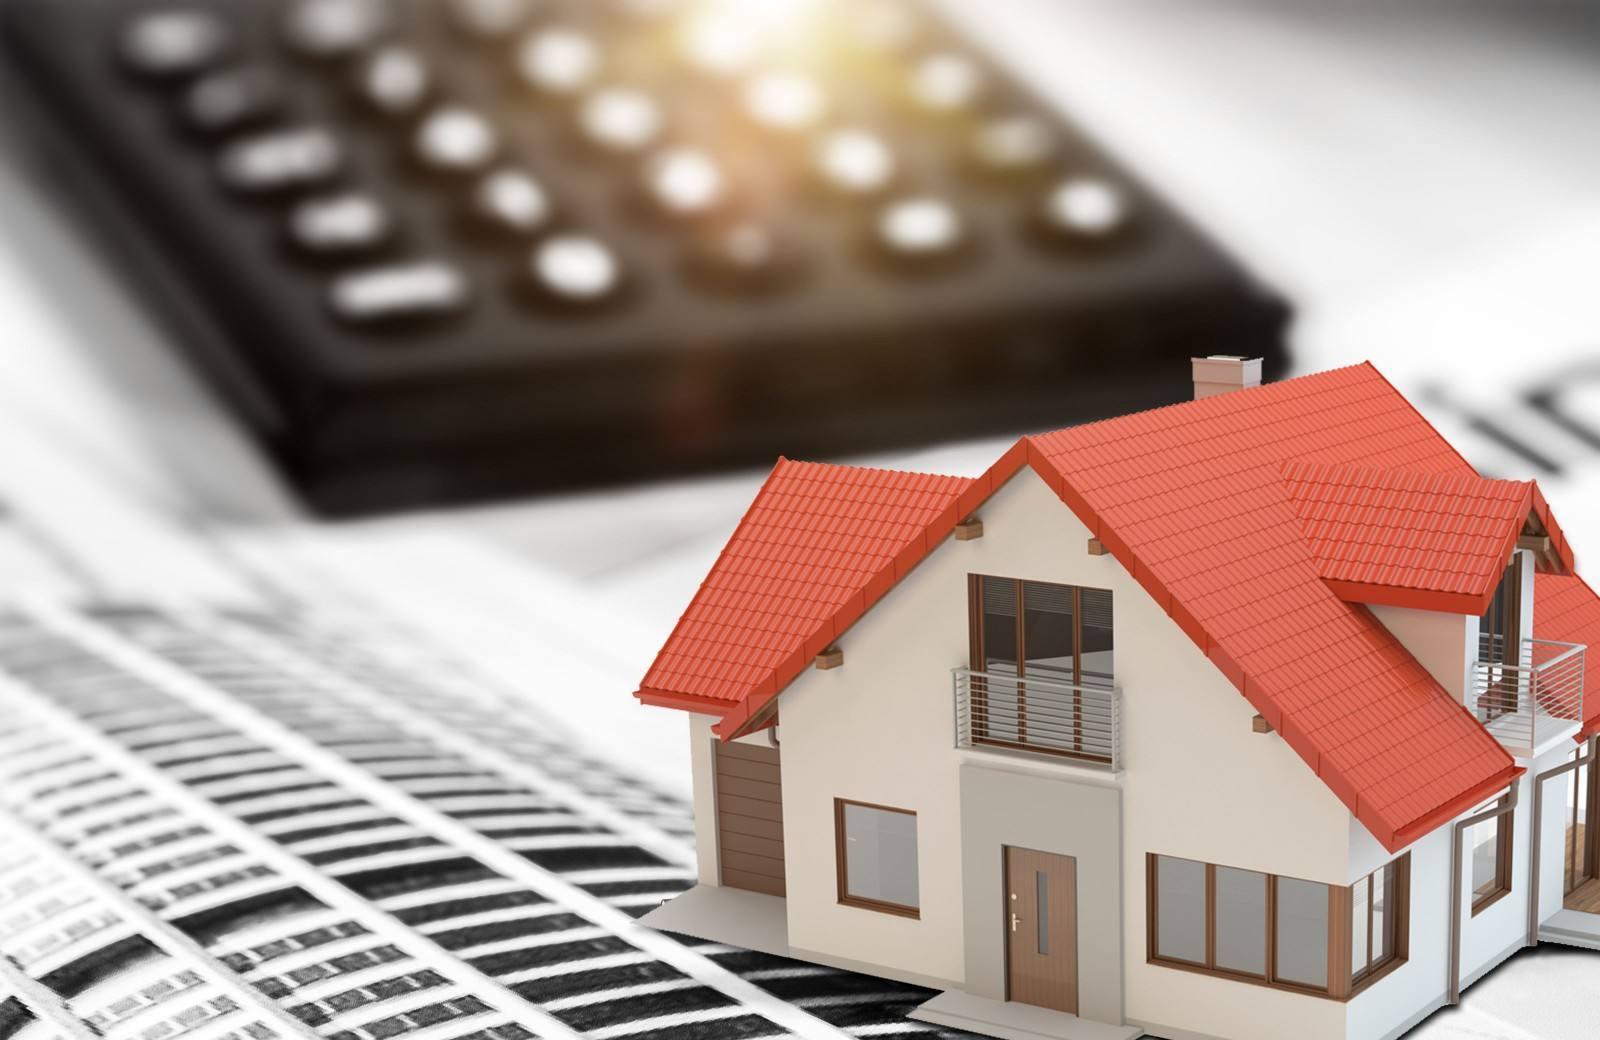 全款买房 和 按揭买房 差别到底有多大 对比风险谁更值